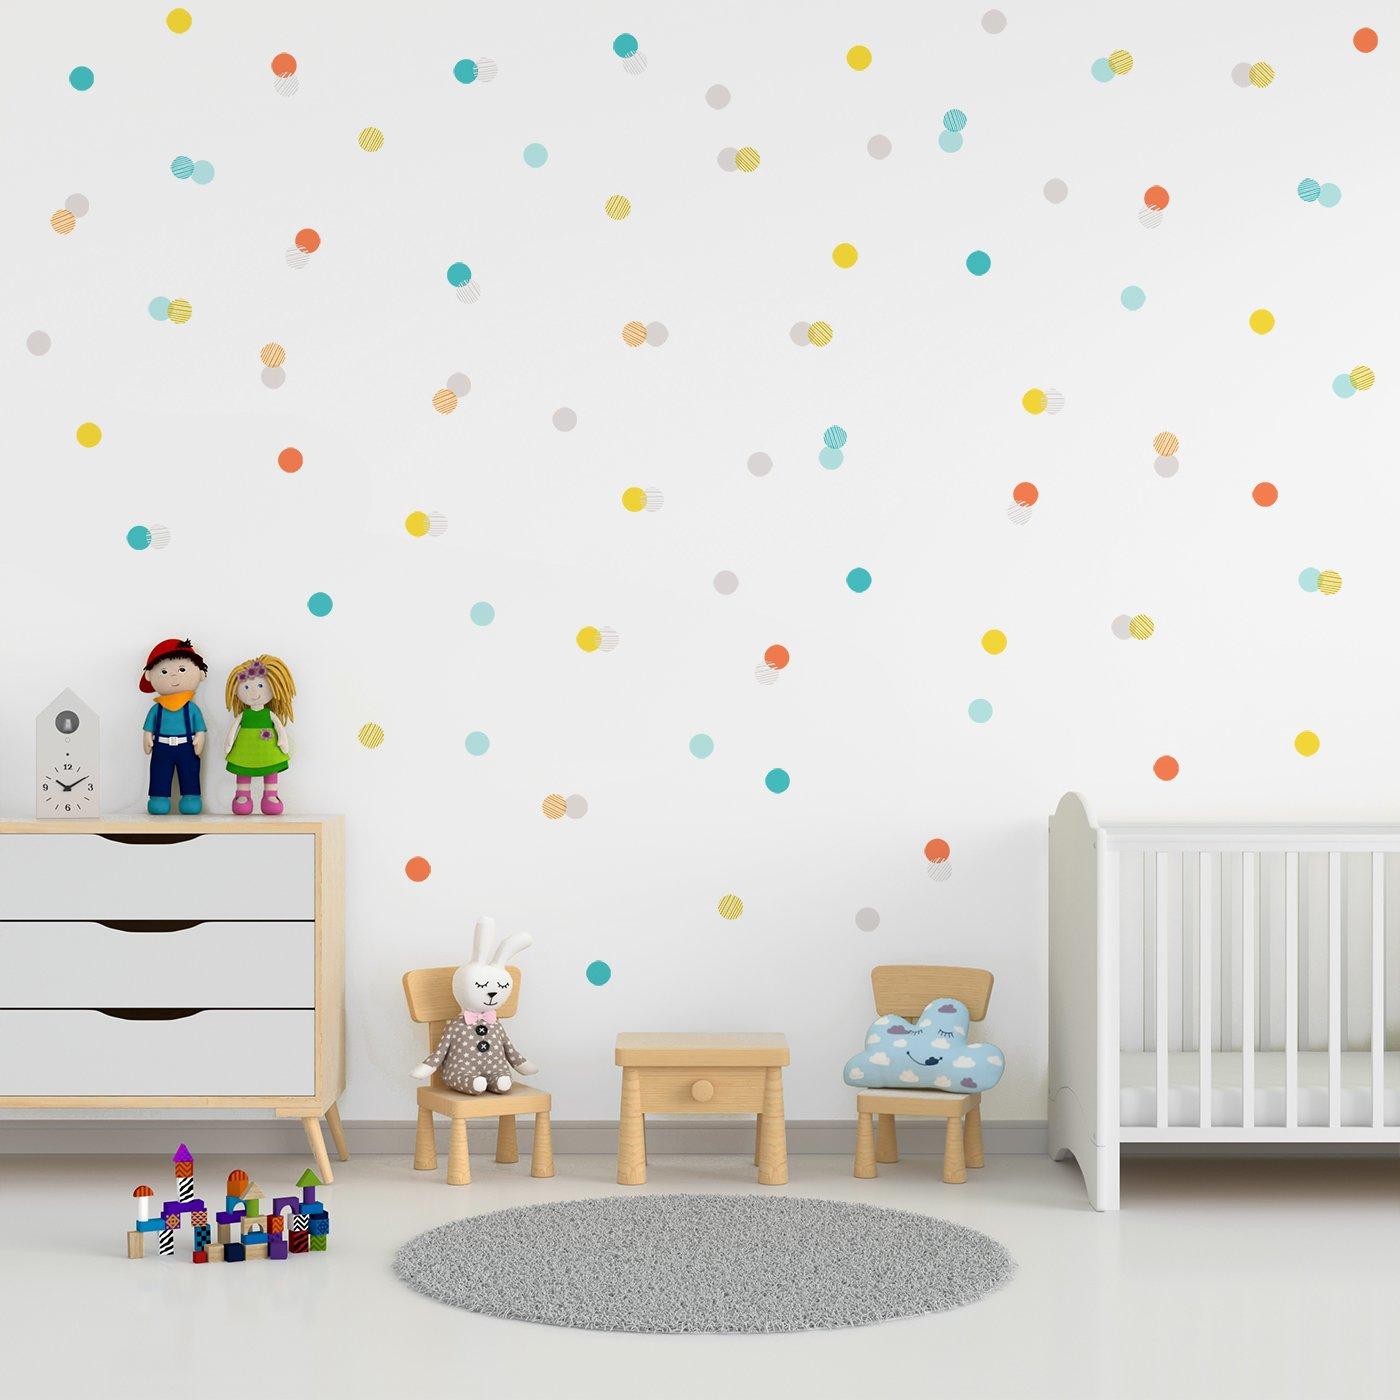 Wall stickers - Confetti